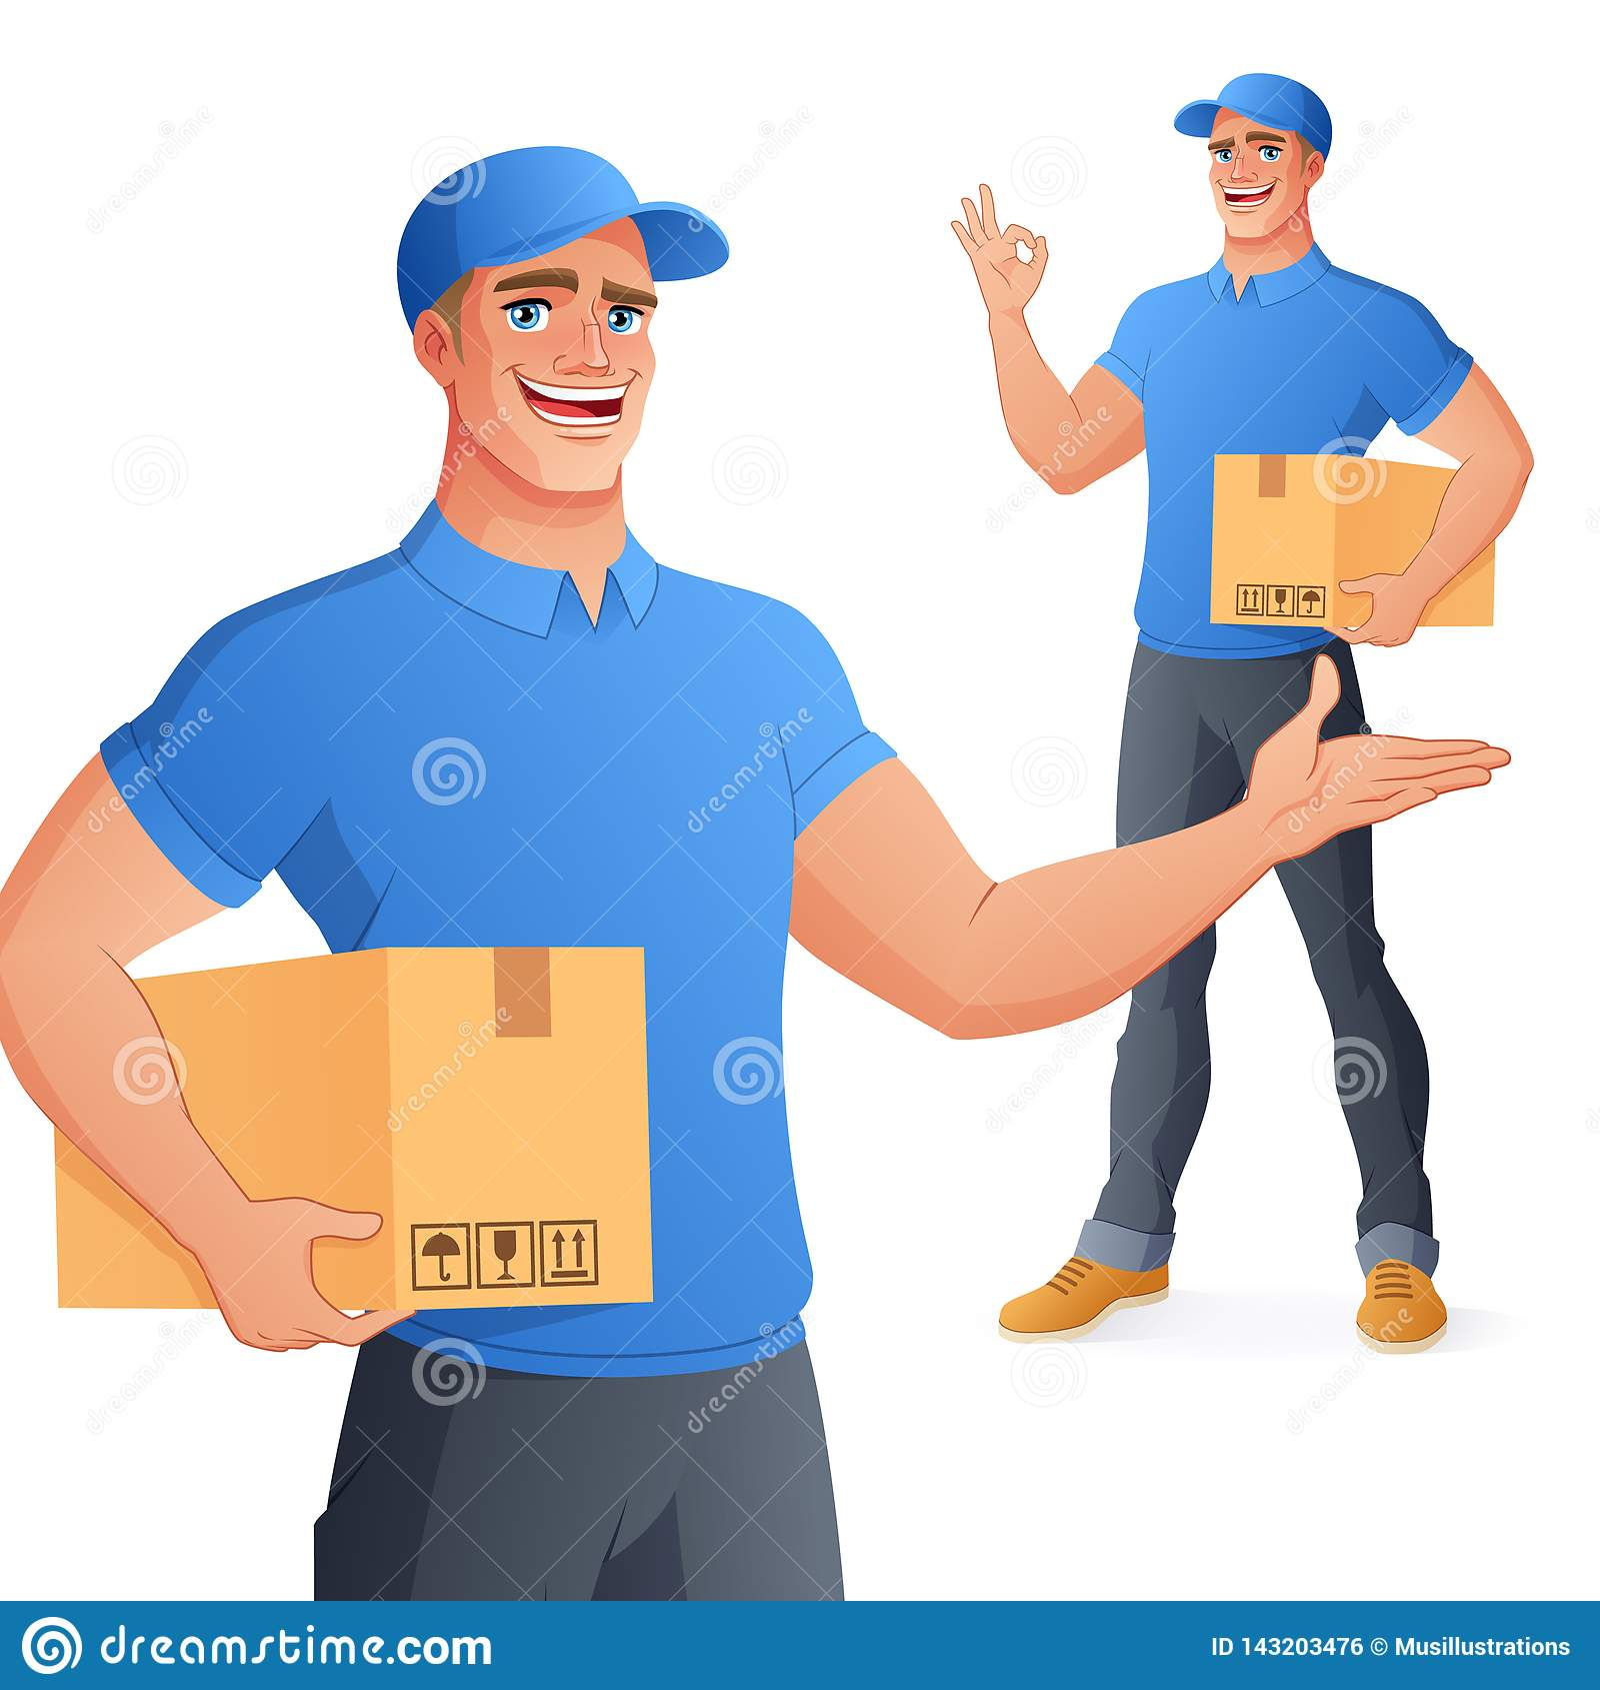 AUTORIZACIÓN de la demostración de la caja de la tenencia del hombre del servicio de entrega del mensajero Ilustración del vector